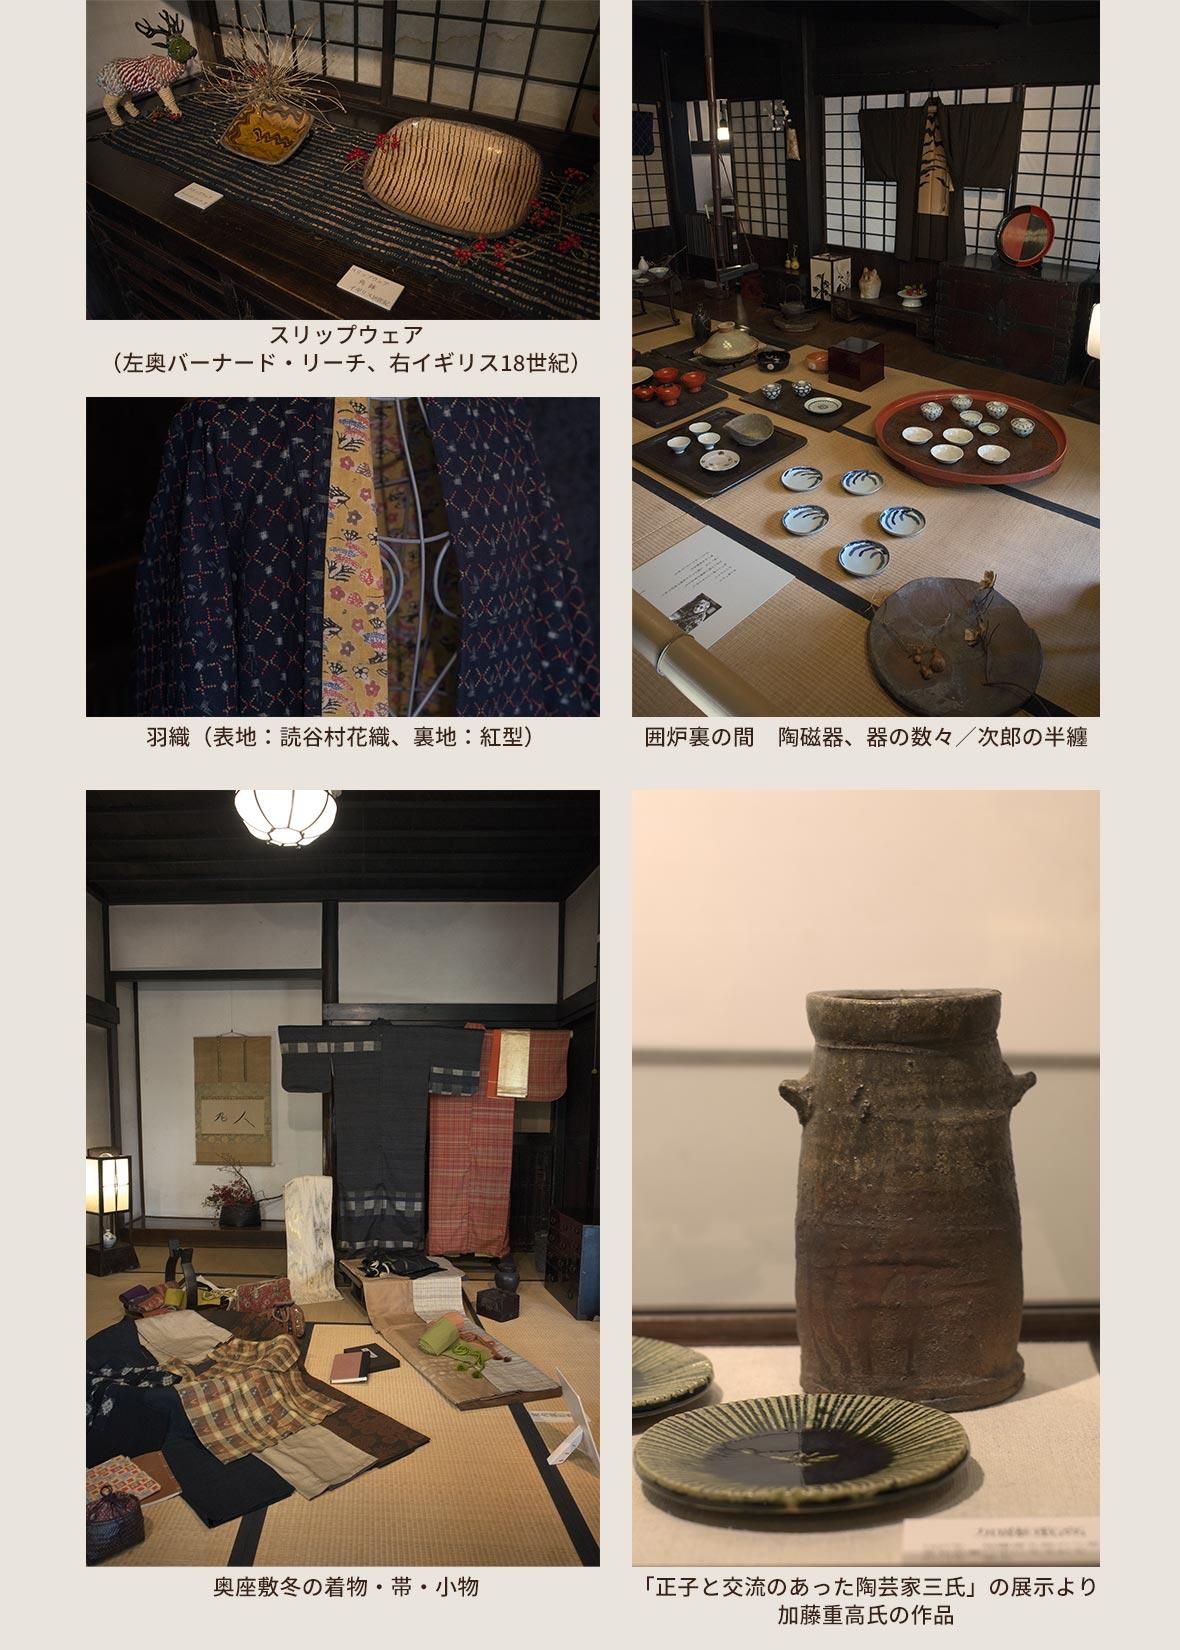 『武相荘の冬』展 2019-2020